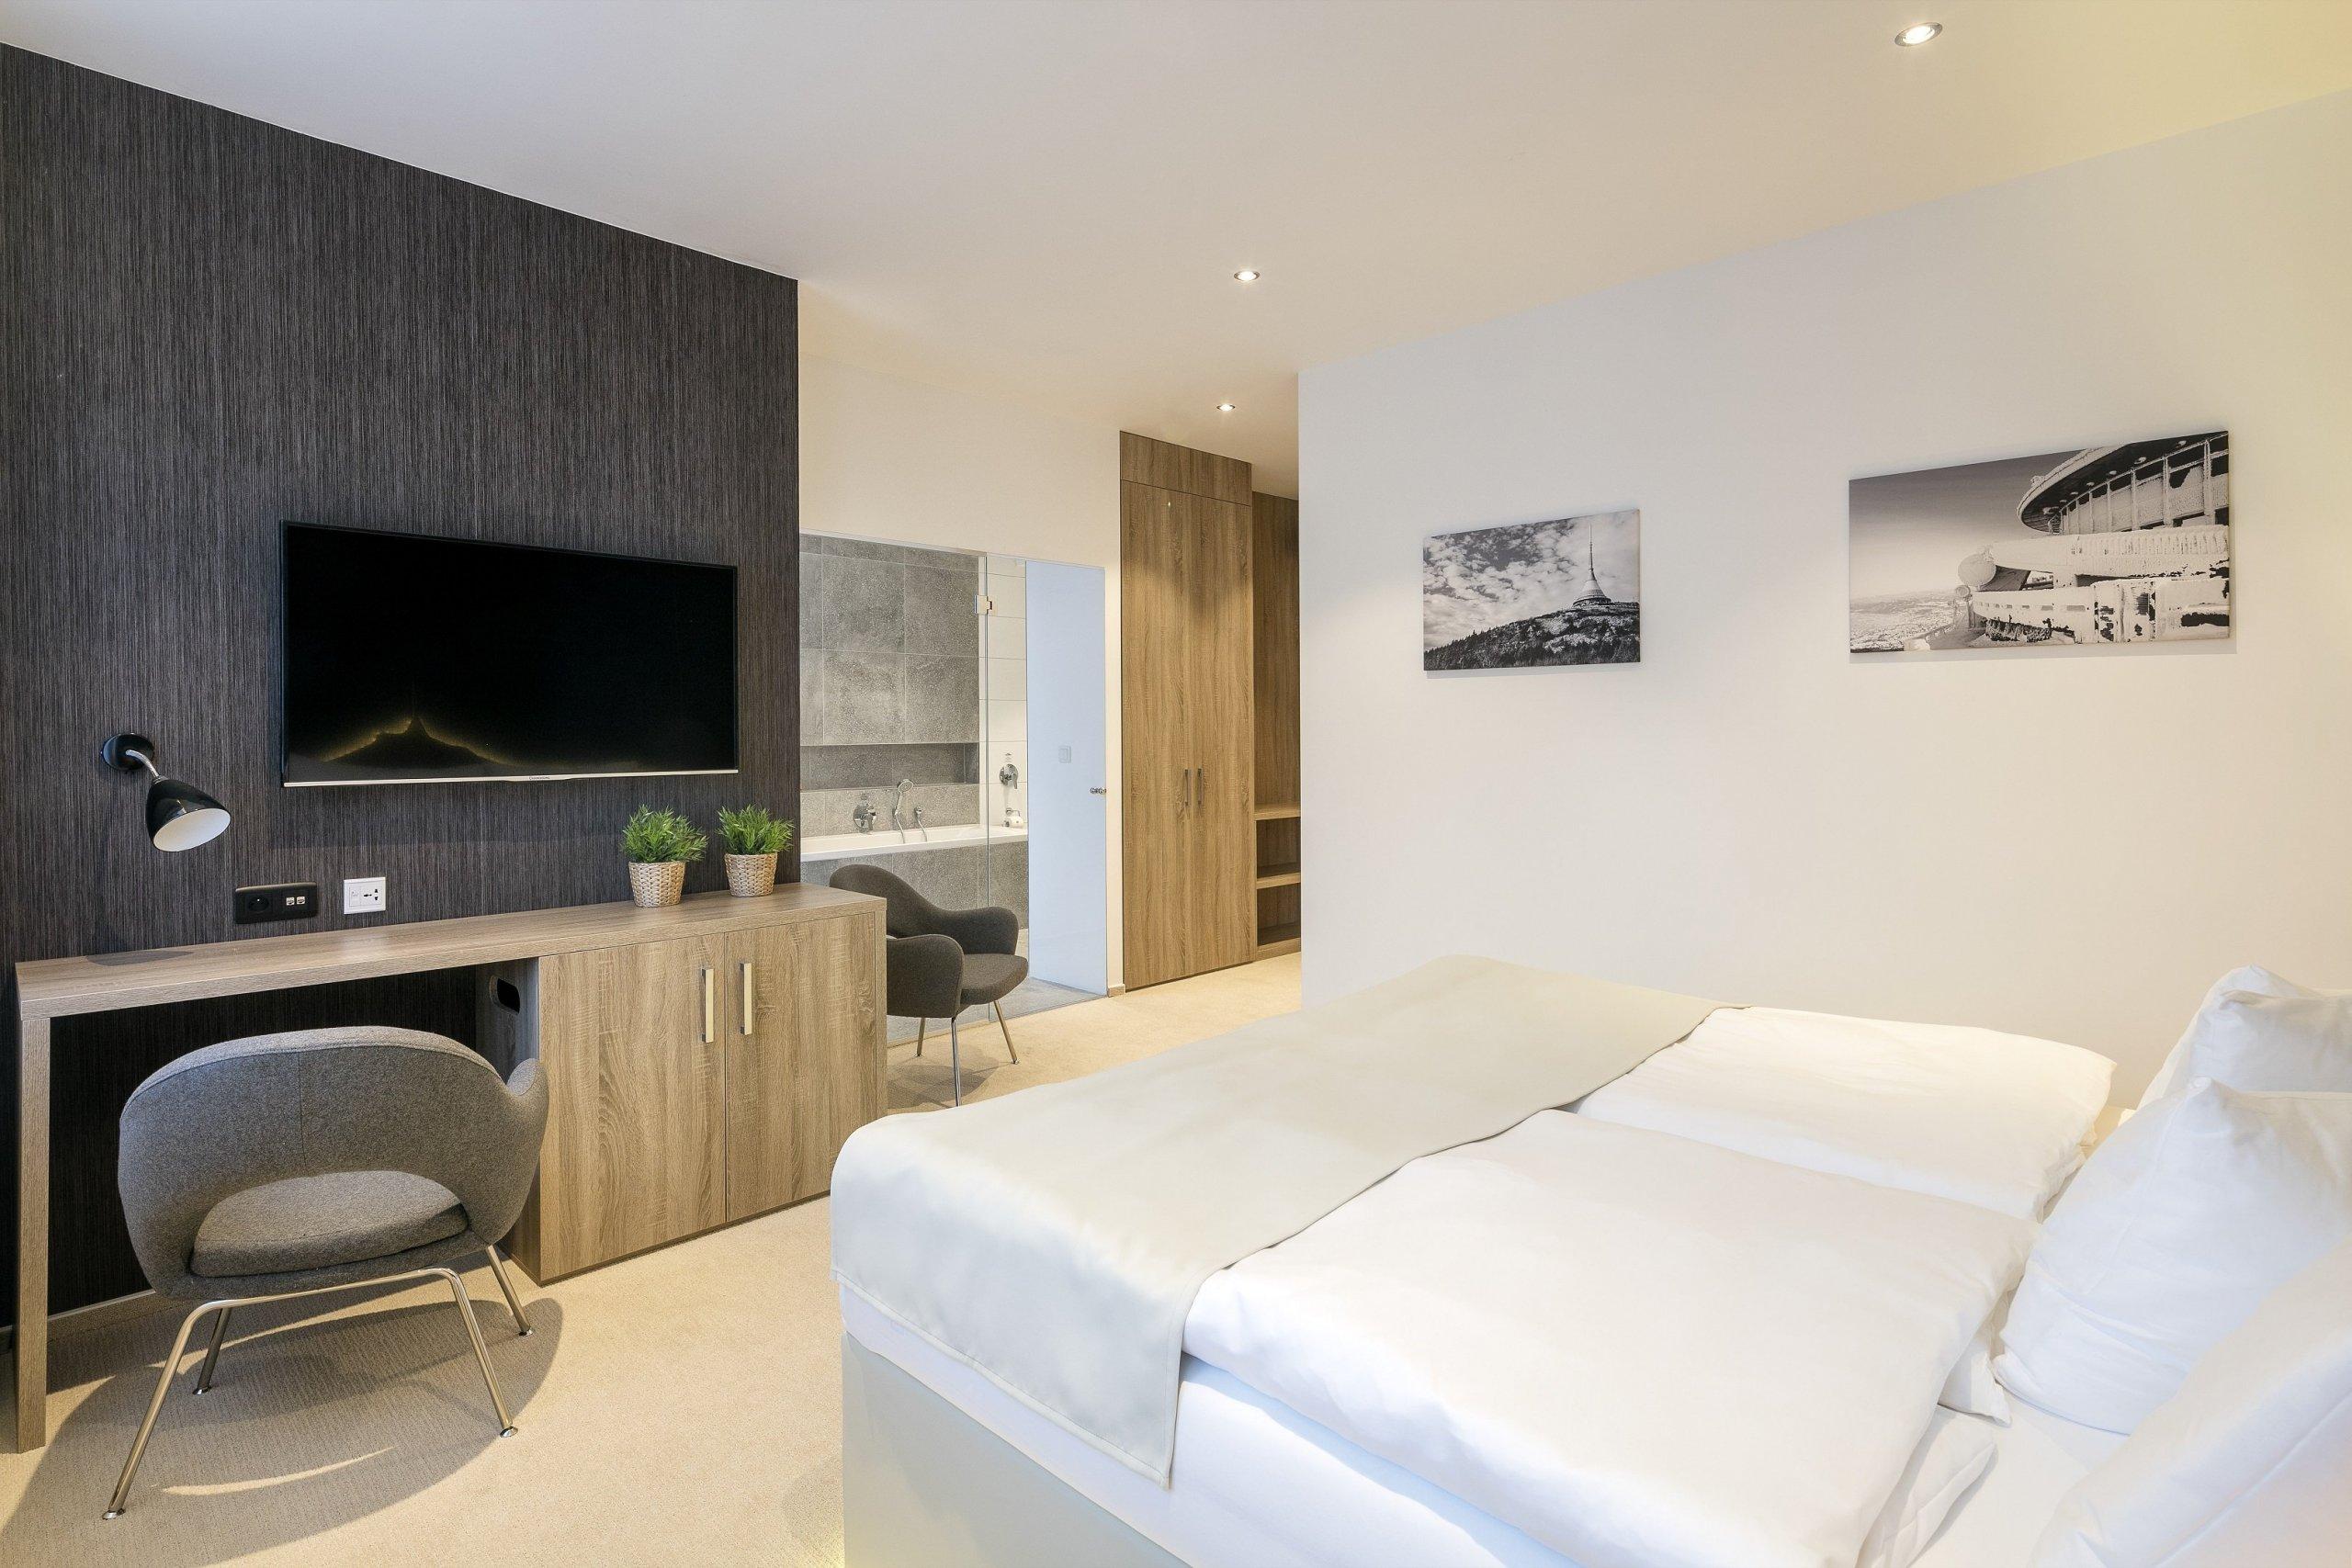 """Pokoj 201 s názvem """"Kráska severu"""" je jedním z designových pokojů v Pytloun Grand Hotelu Imperial Liberec"""